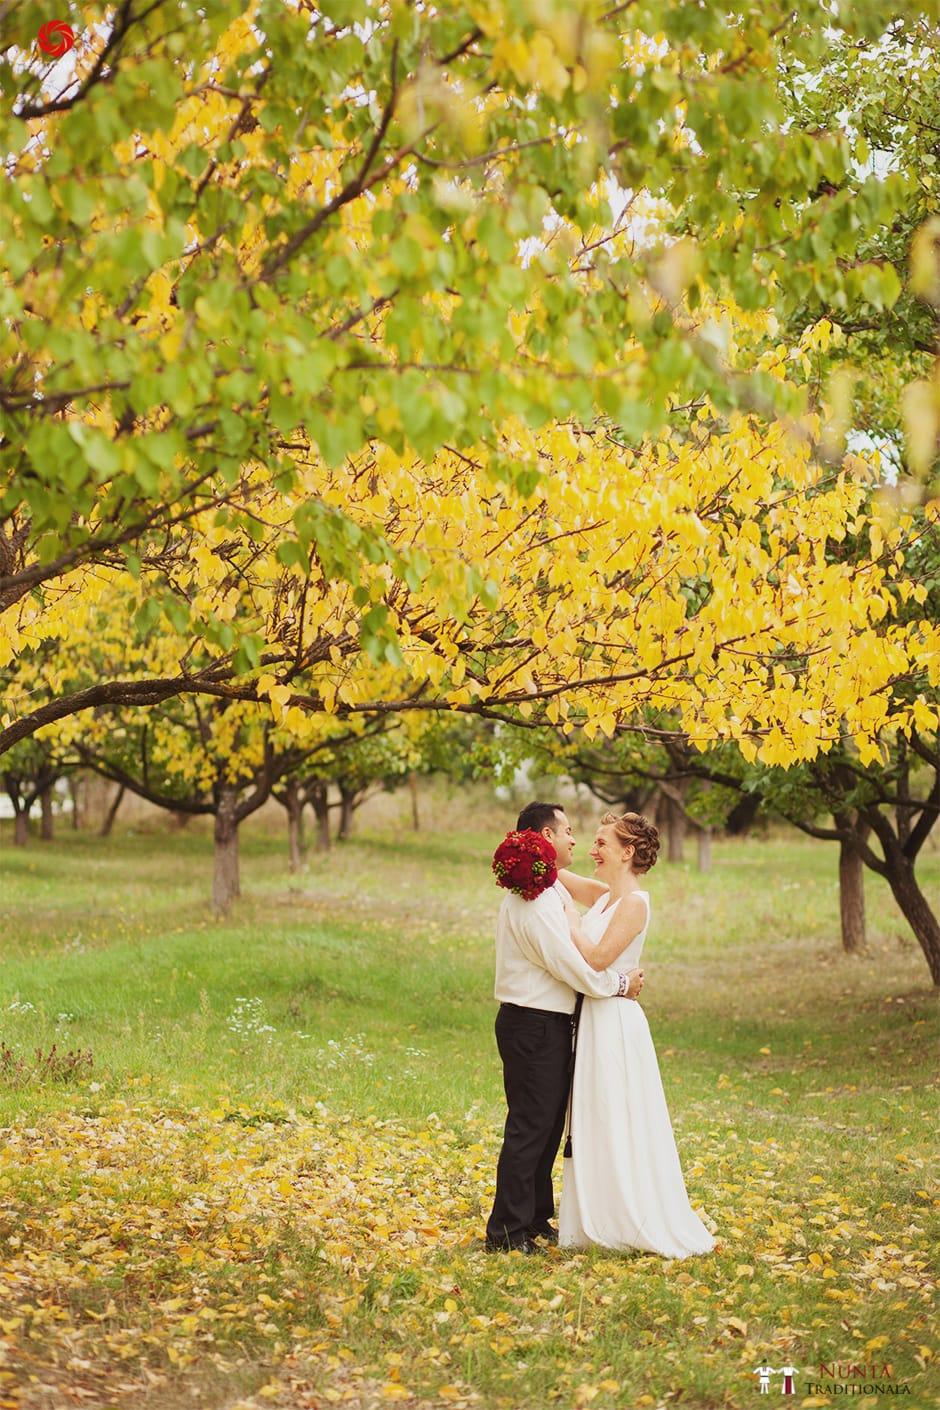 Povești Nunți Tradiționale - Ionatan și Andrea - Nuntă în Crișana. Să ne îmbătăm cu veselia nunții, în culorile toamnei 63